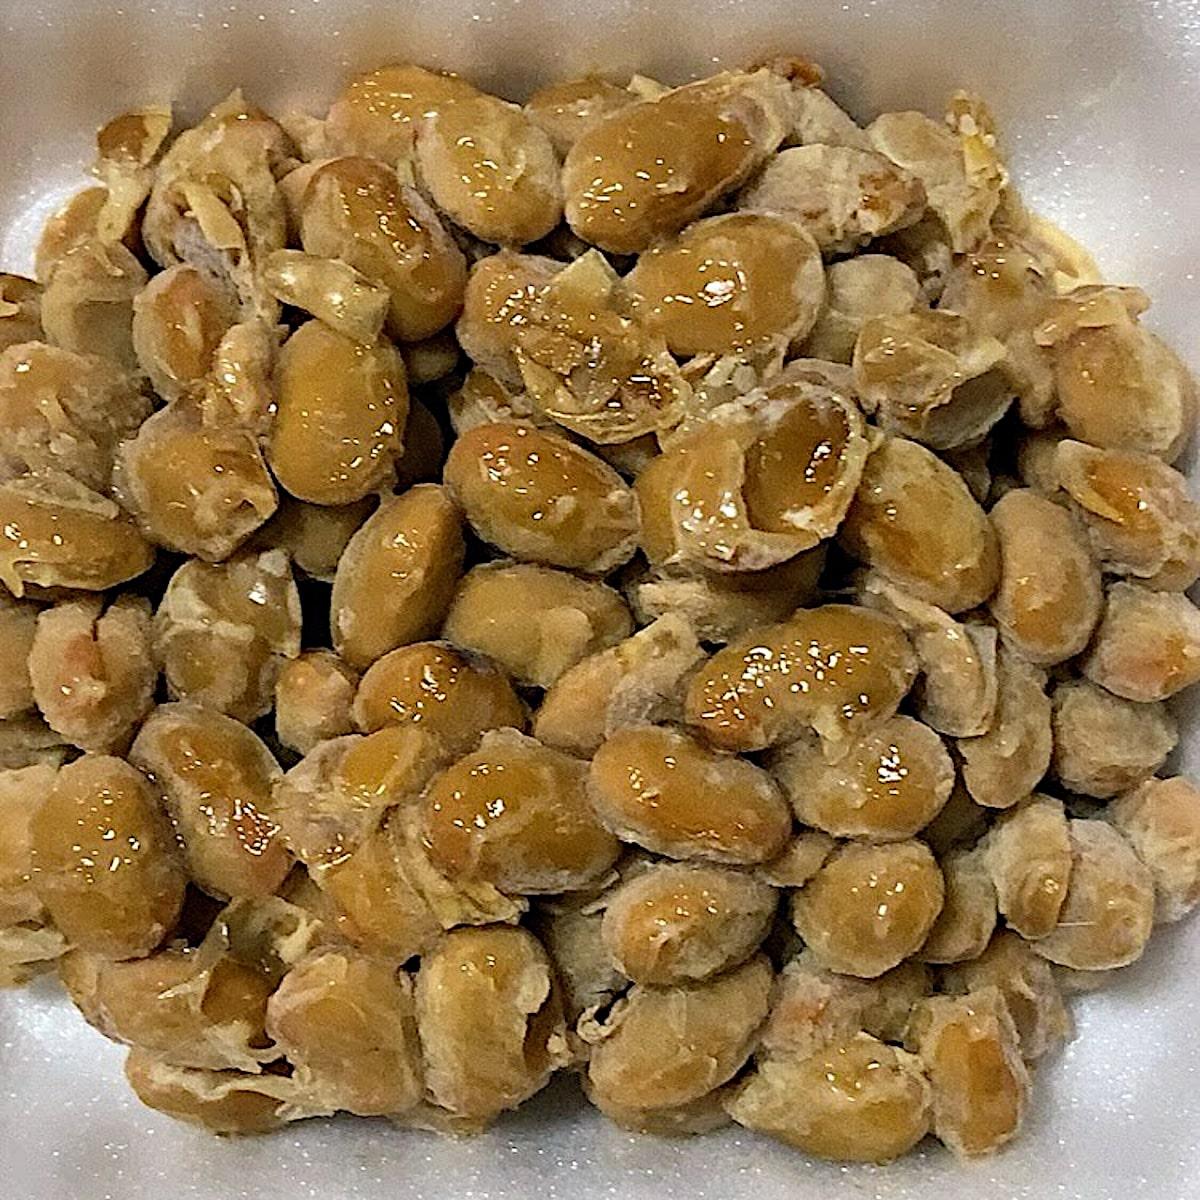 「小粒納豆 赤」の中の納豆の画像